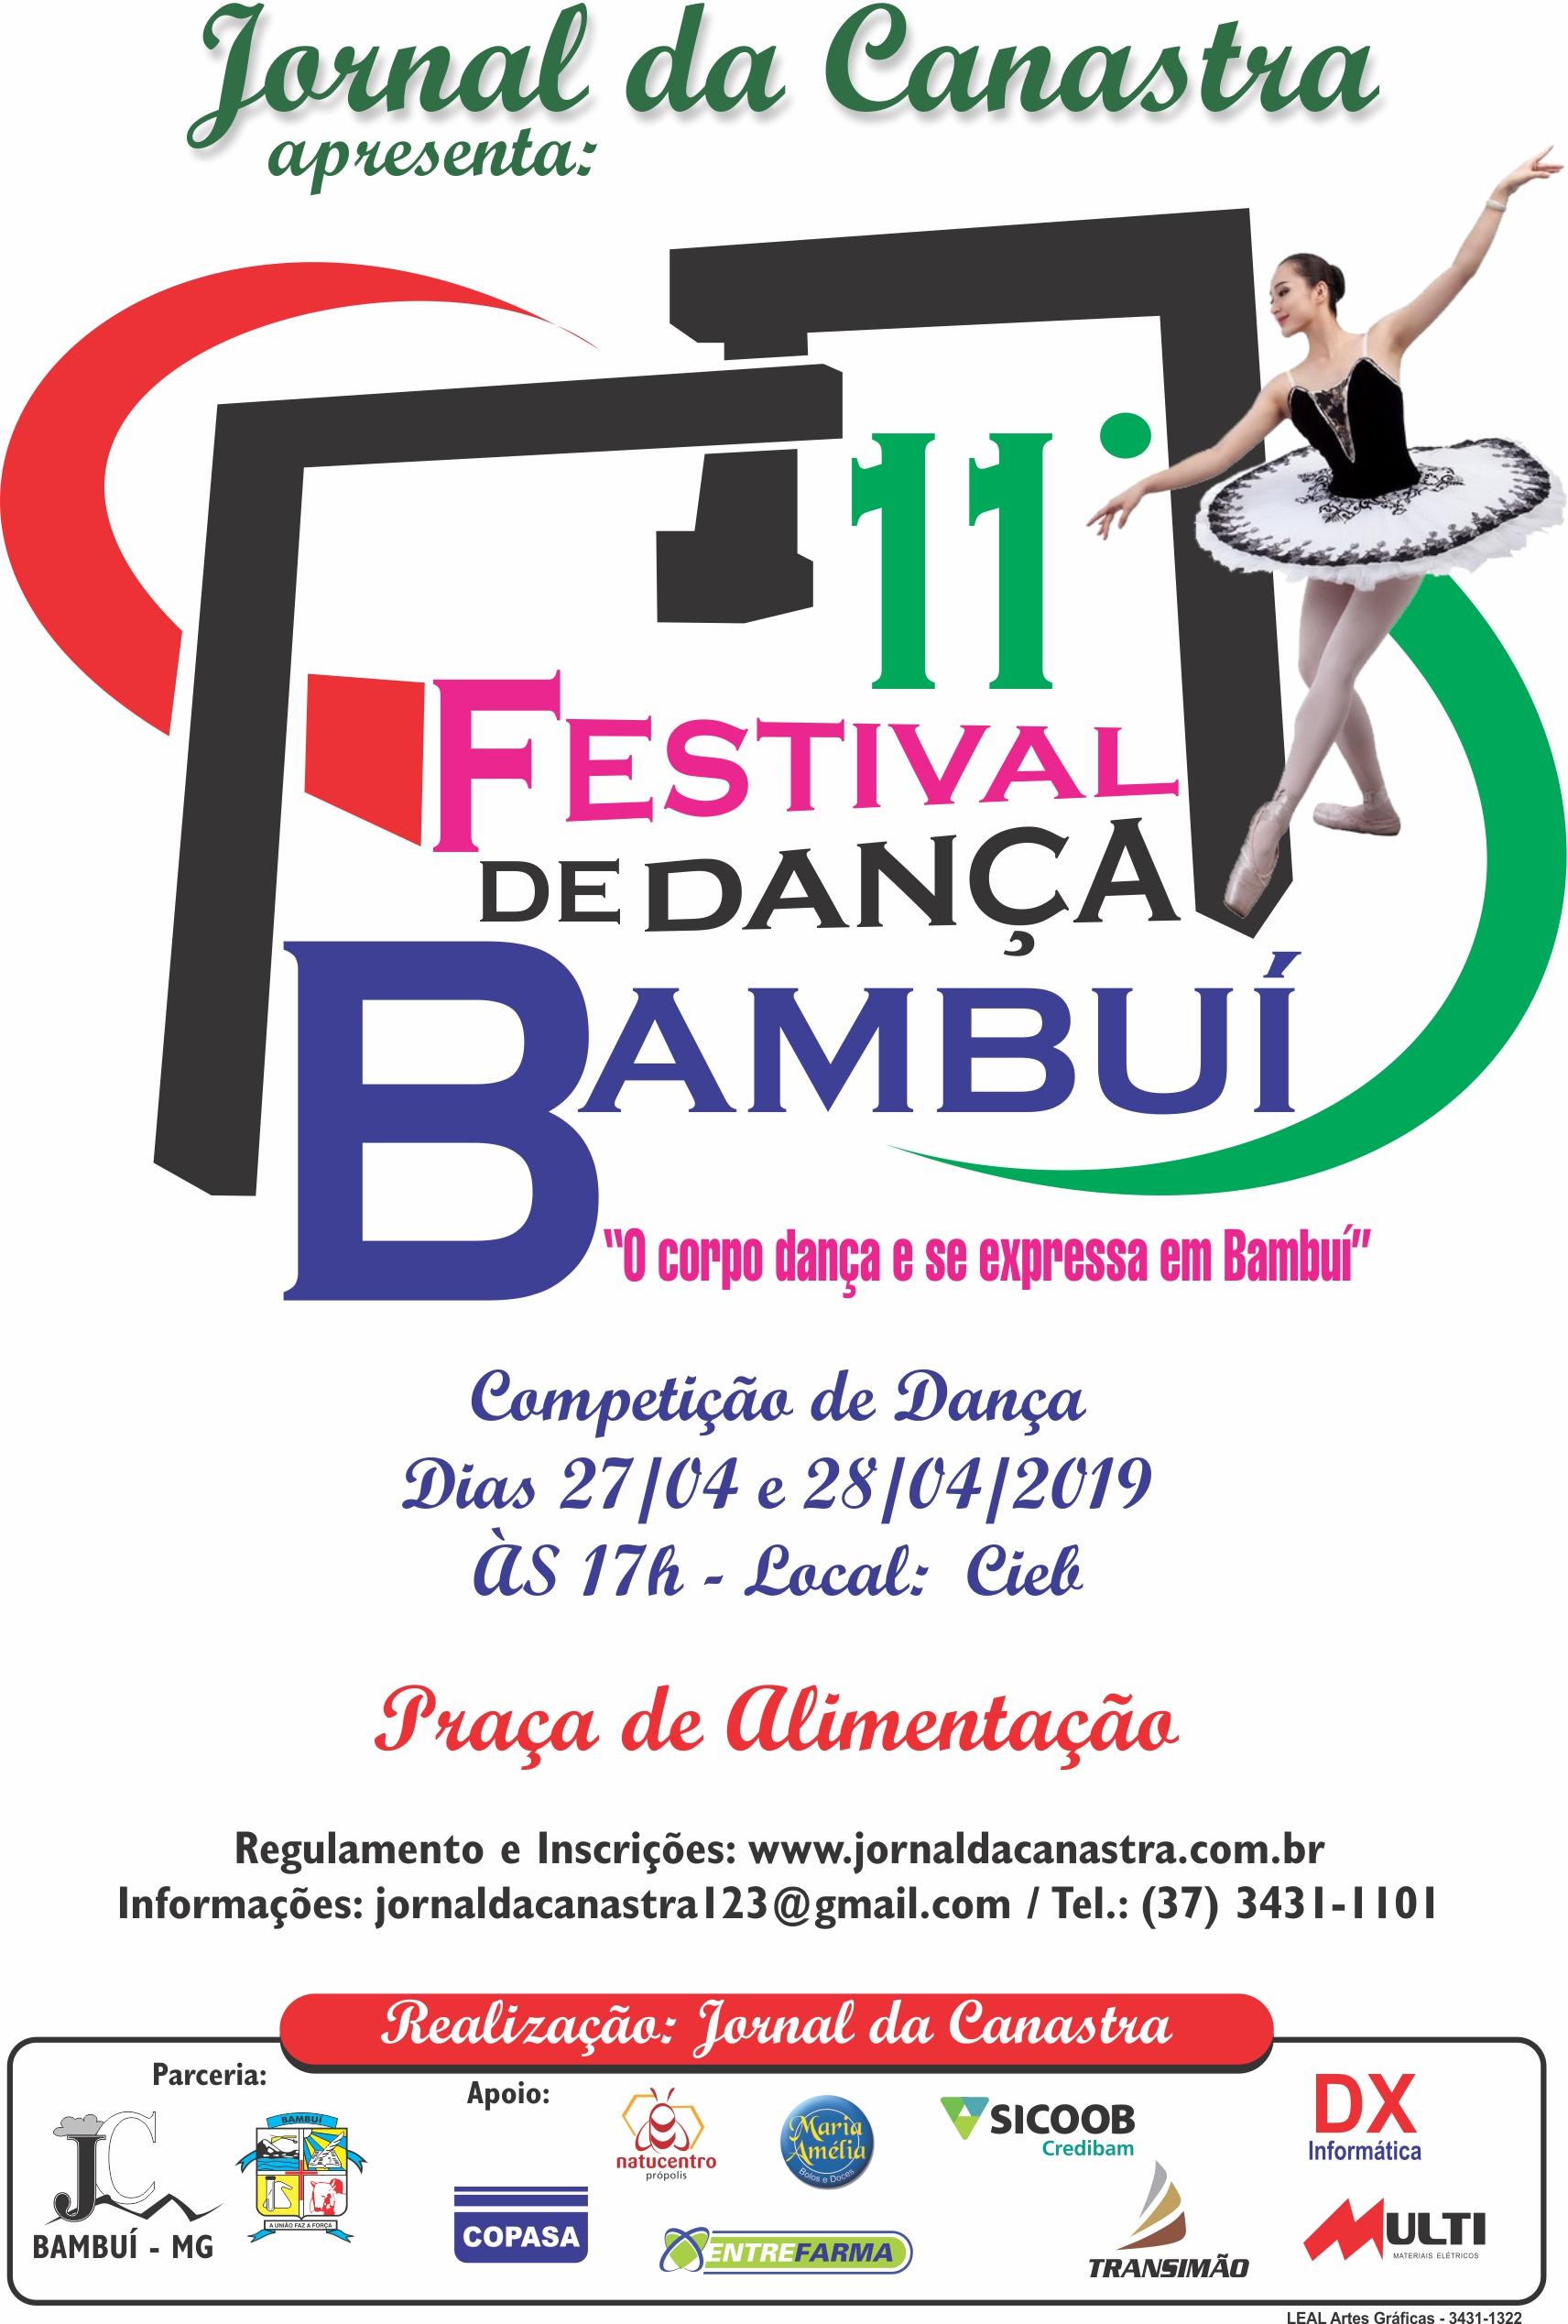 11° Festival de Dança de Bambuí - Venha dançar conosco!